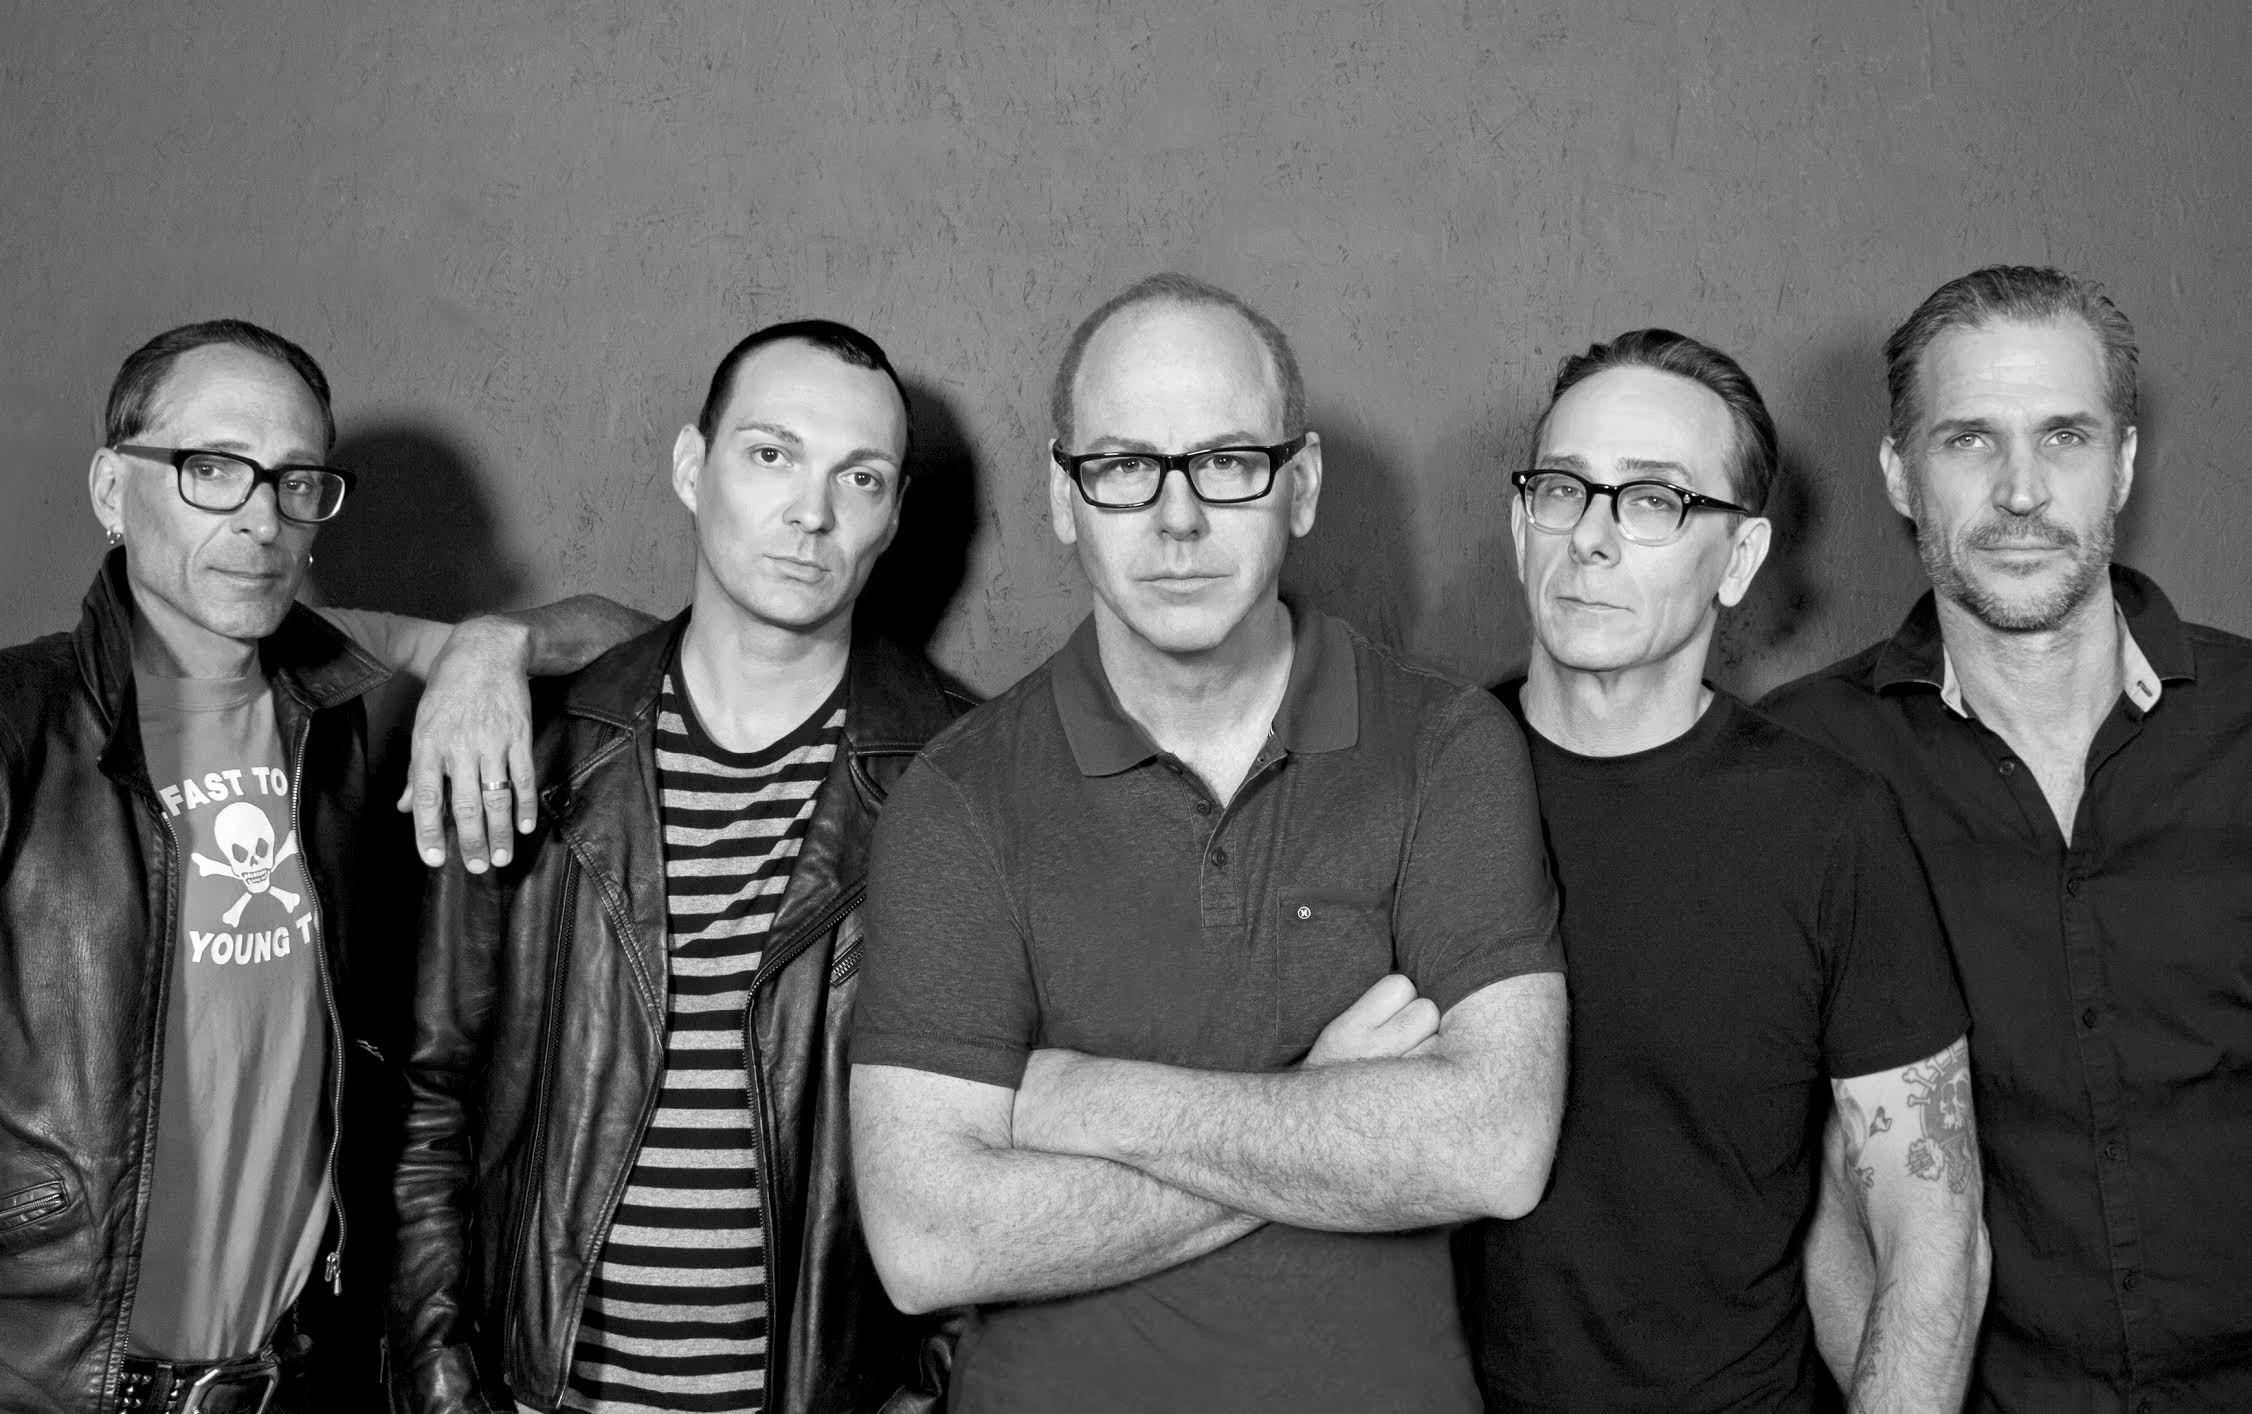 Concierto de Bad Religion + Alkaline Trio en Hollywood